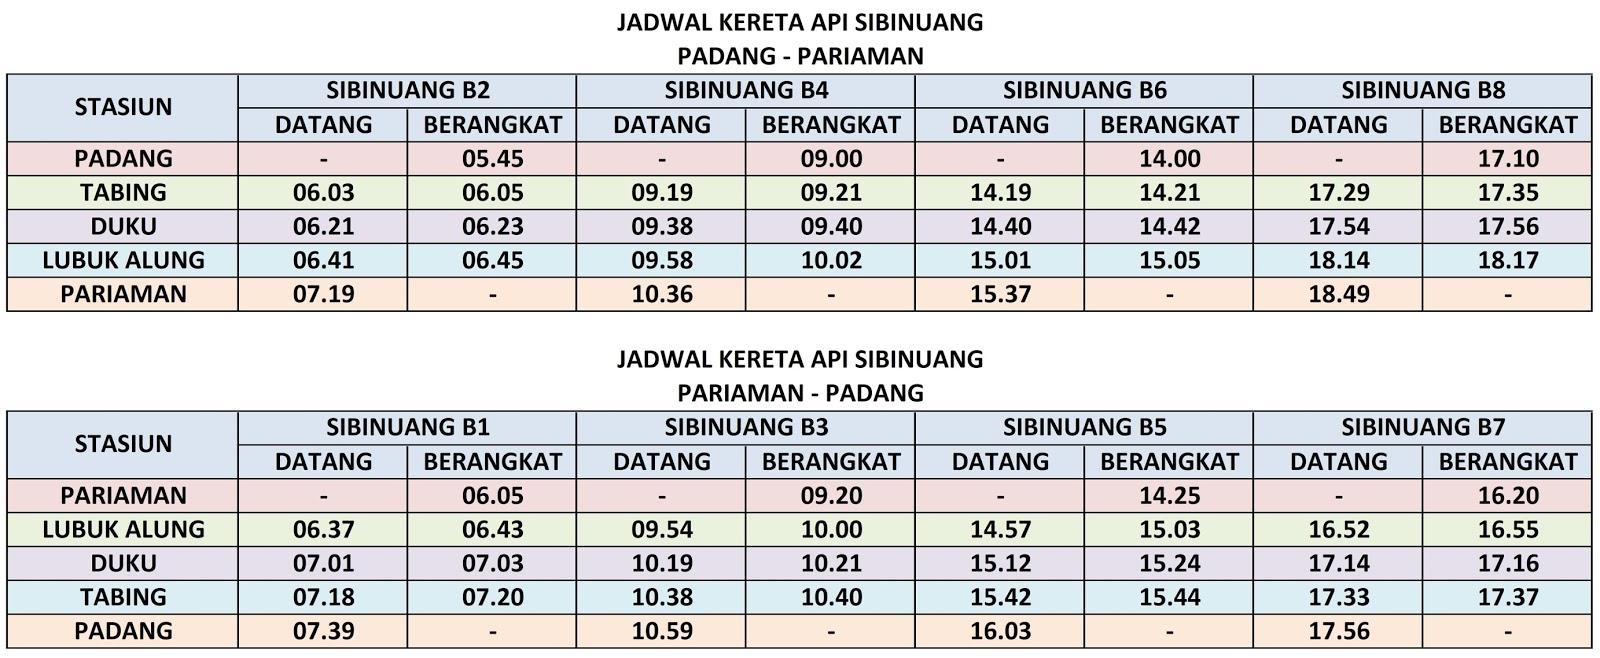 Jadwal Kereta Api Sibinuang Padang  Pariaman PP